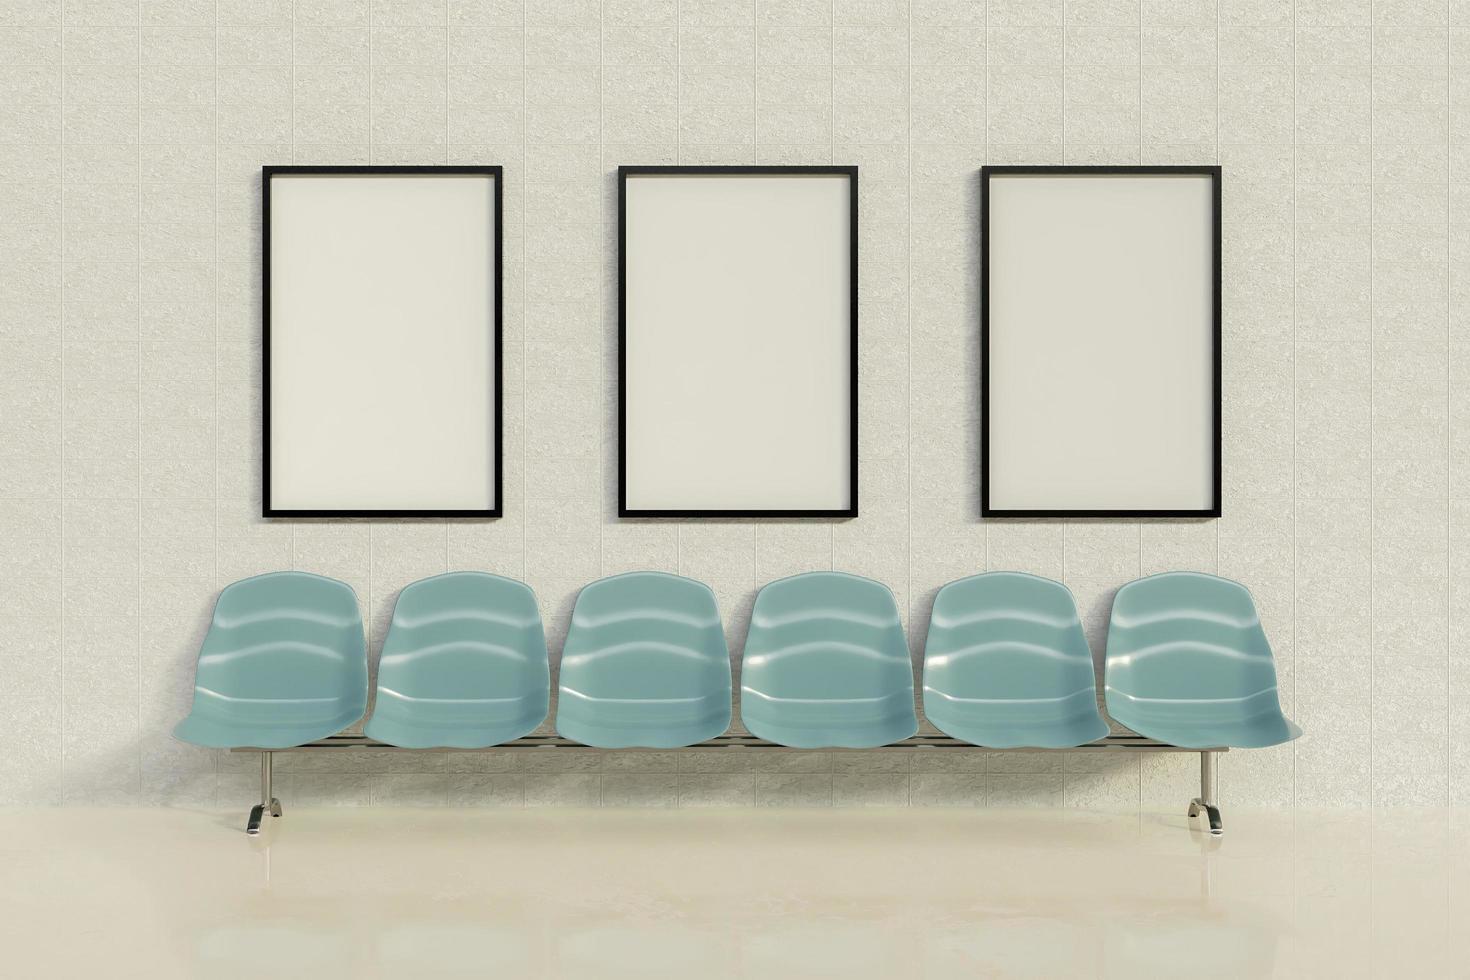 Maqueta de marcos publicitarios en una sala de espera con una fila de asientos, renderizado 3d foto